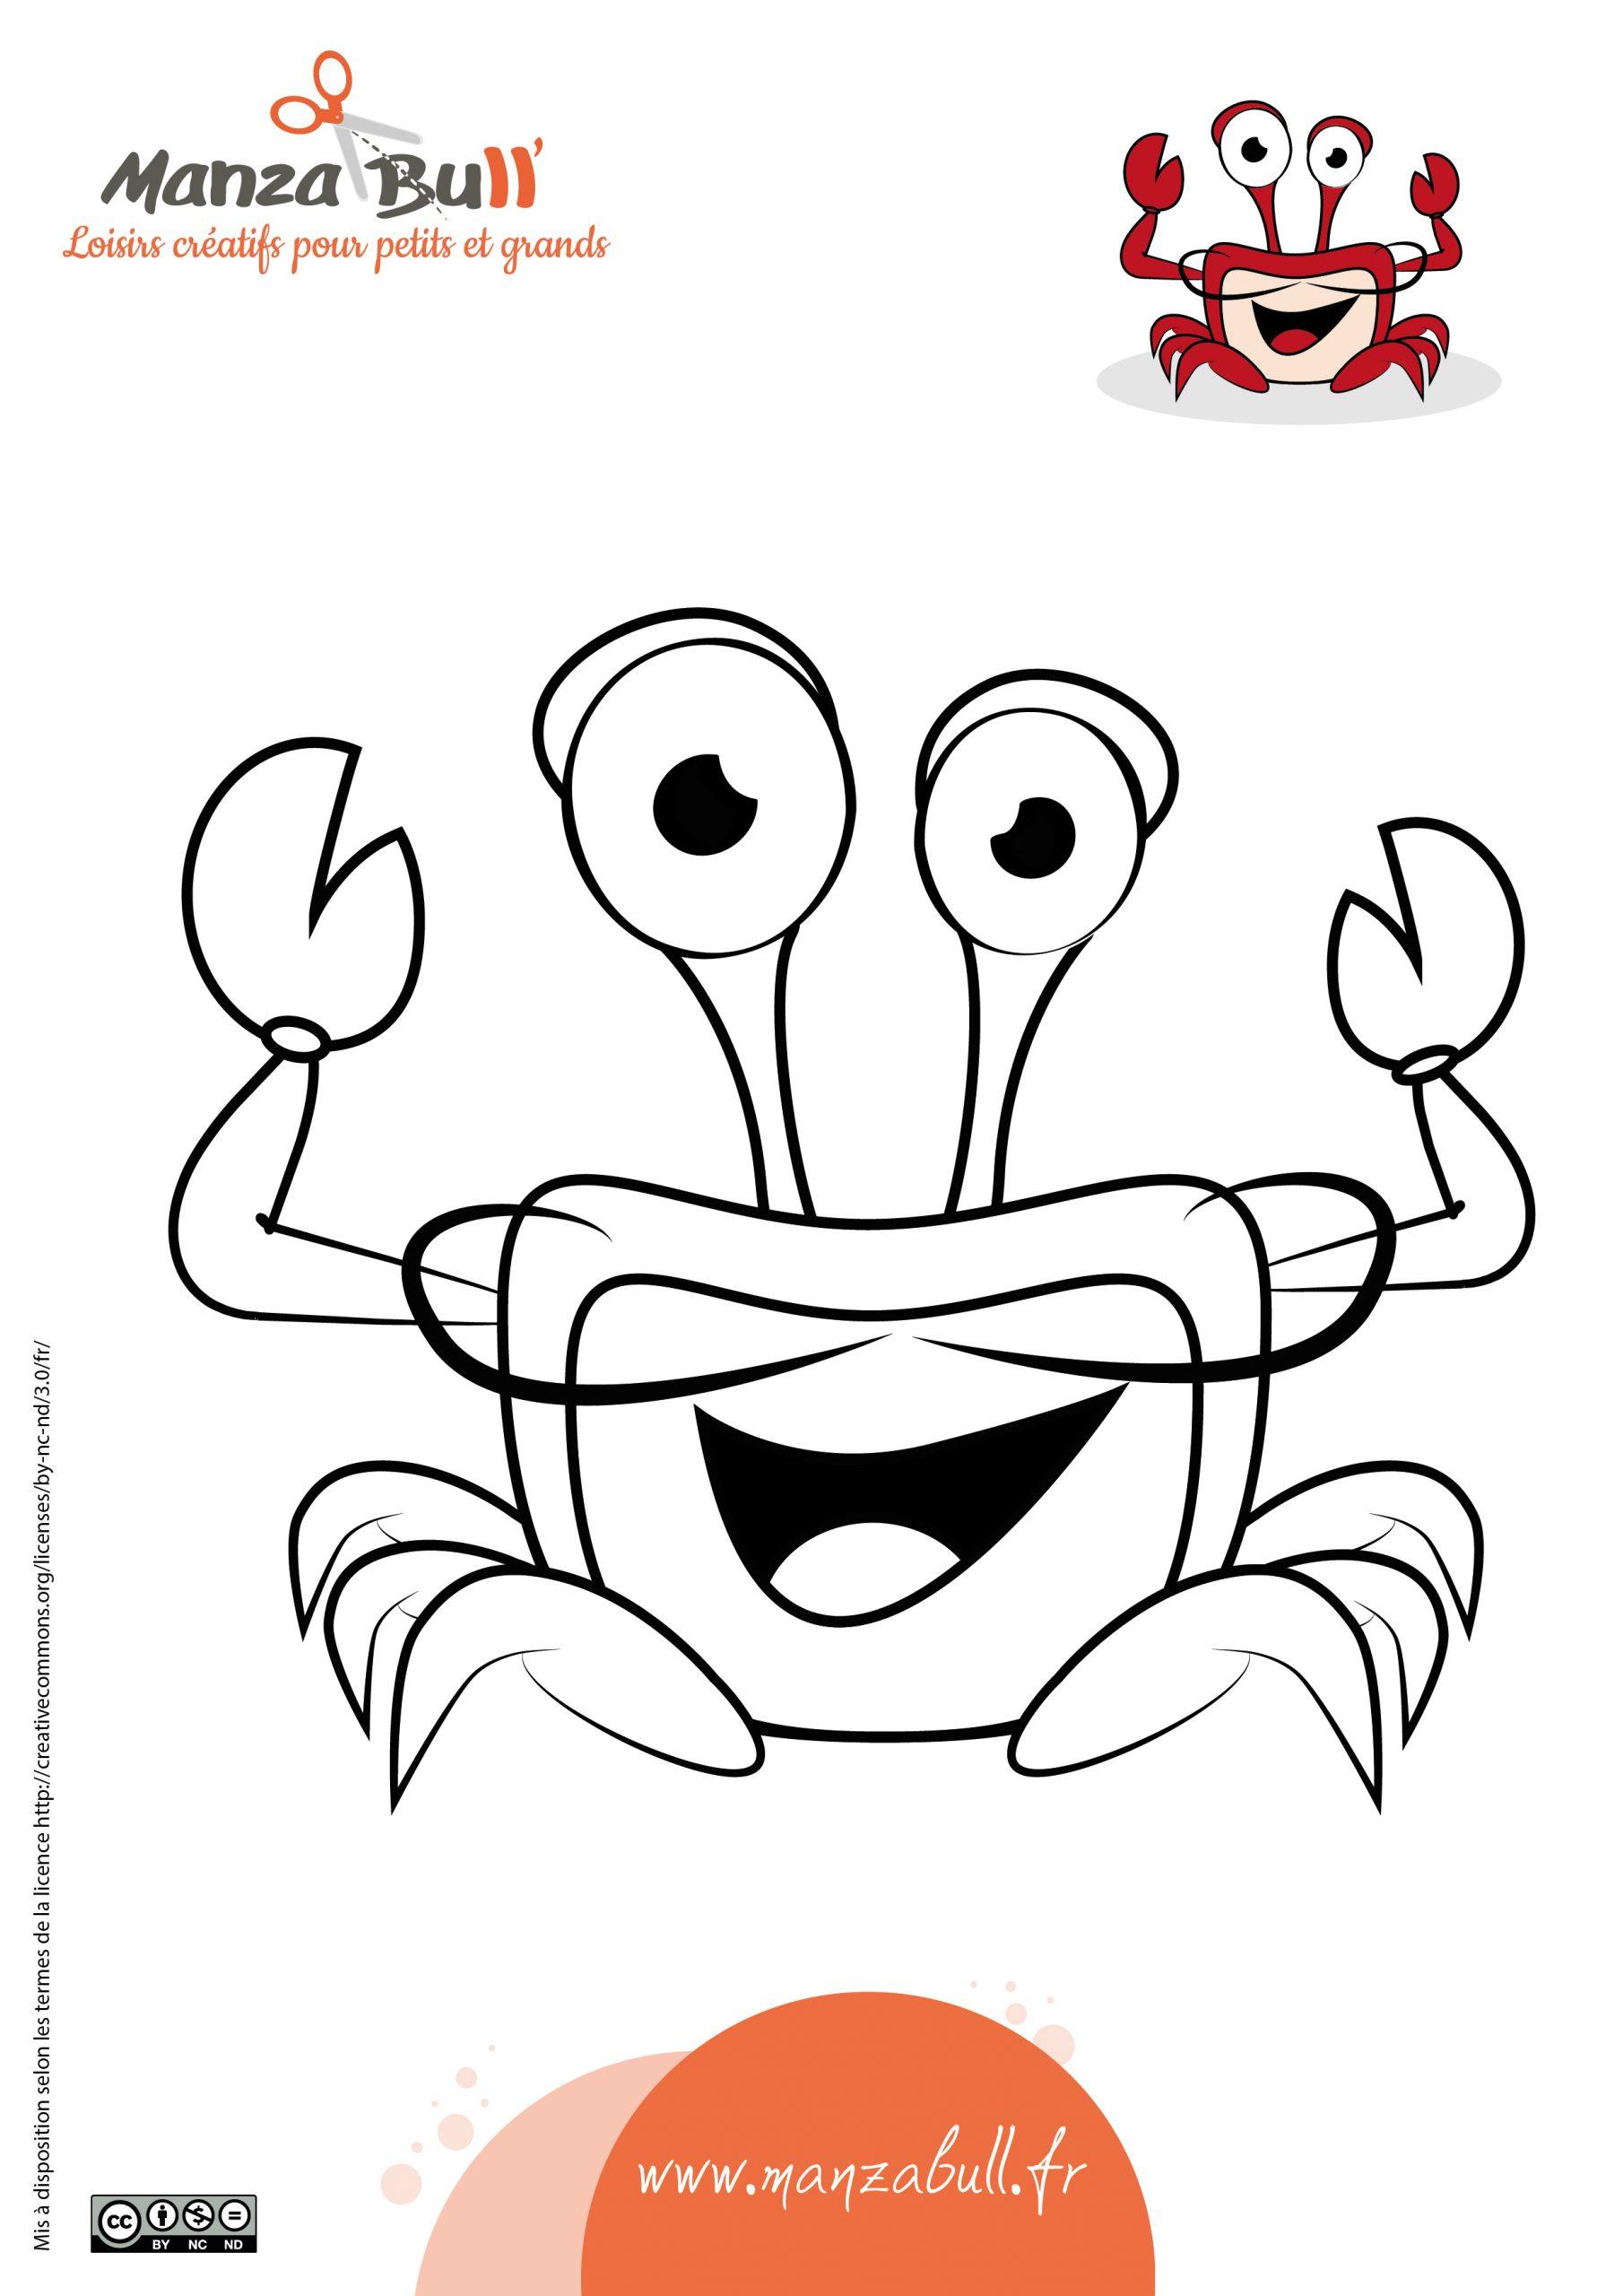 Coloriage Crabe À Imprimer - Manzabull' intérieur Coloriage A4 Imprimer Gratuit